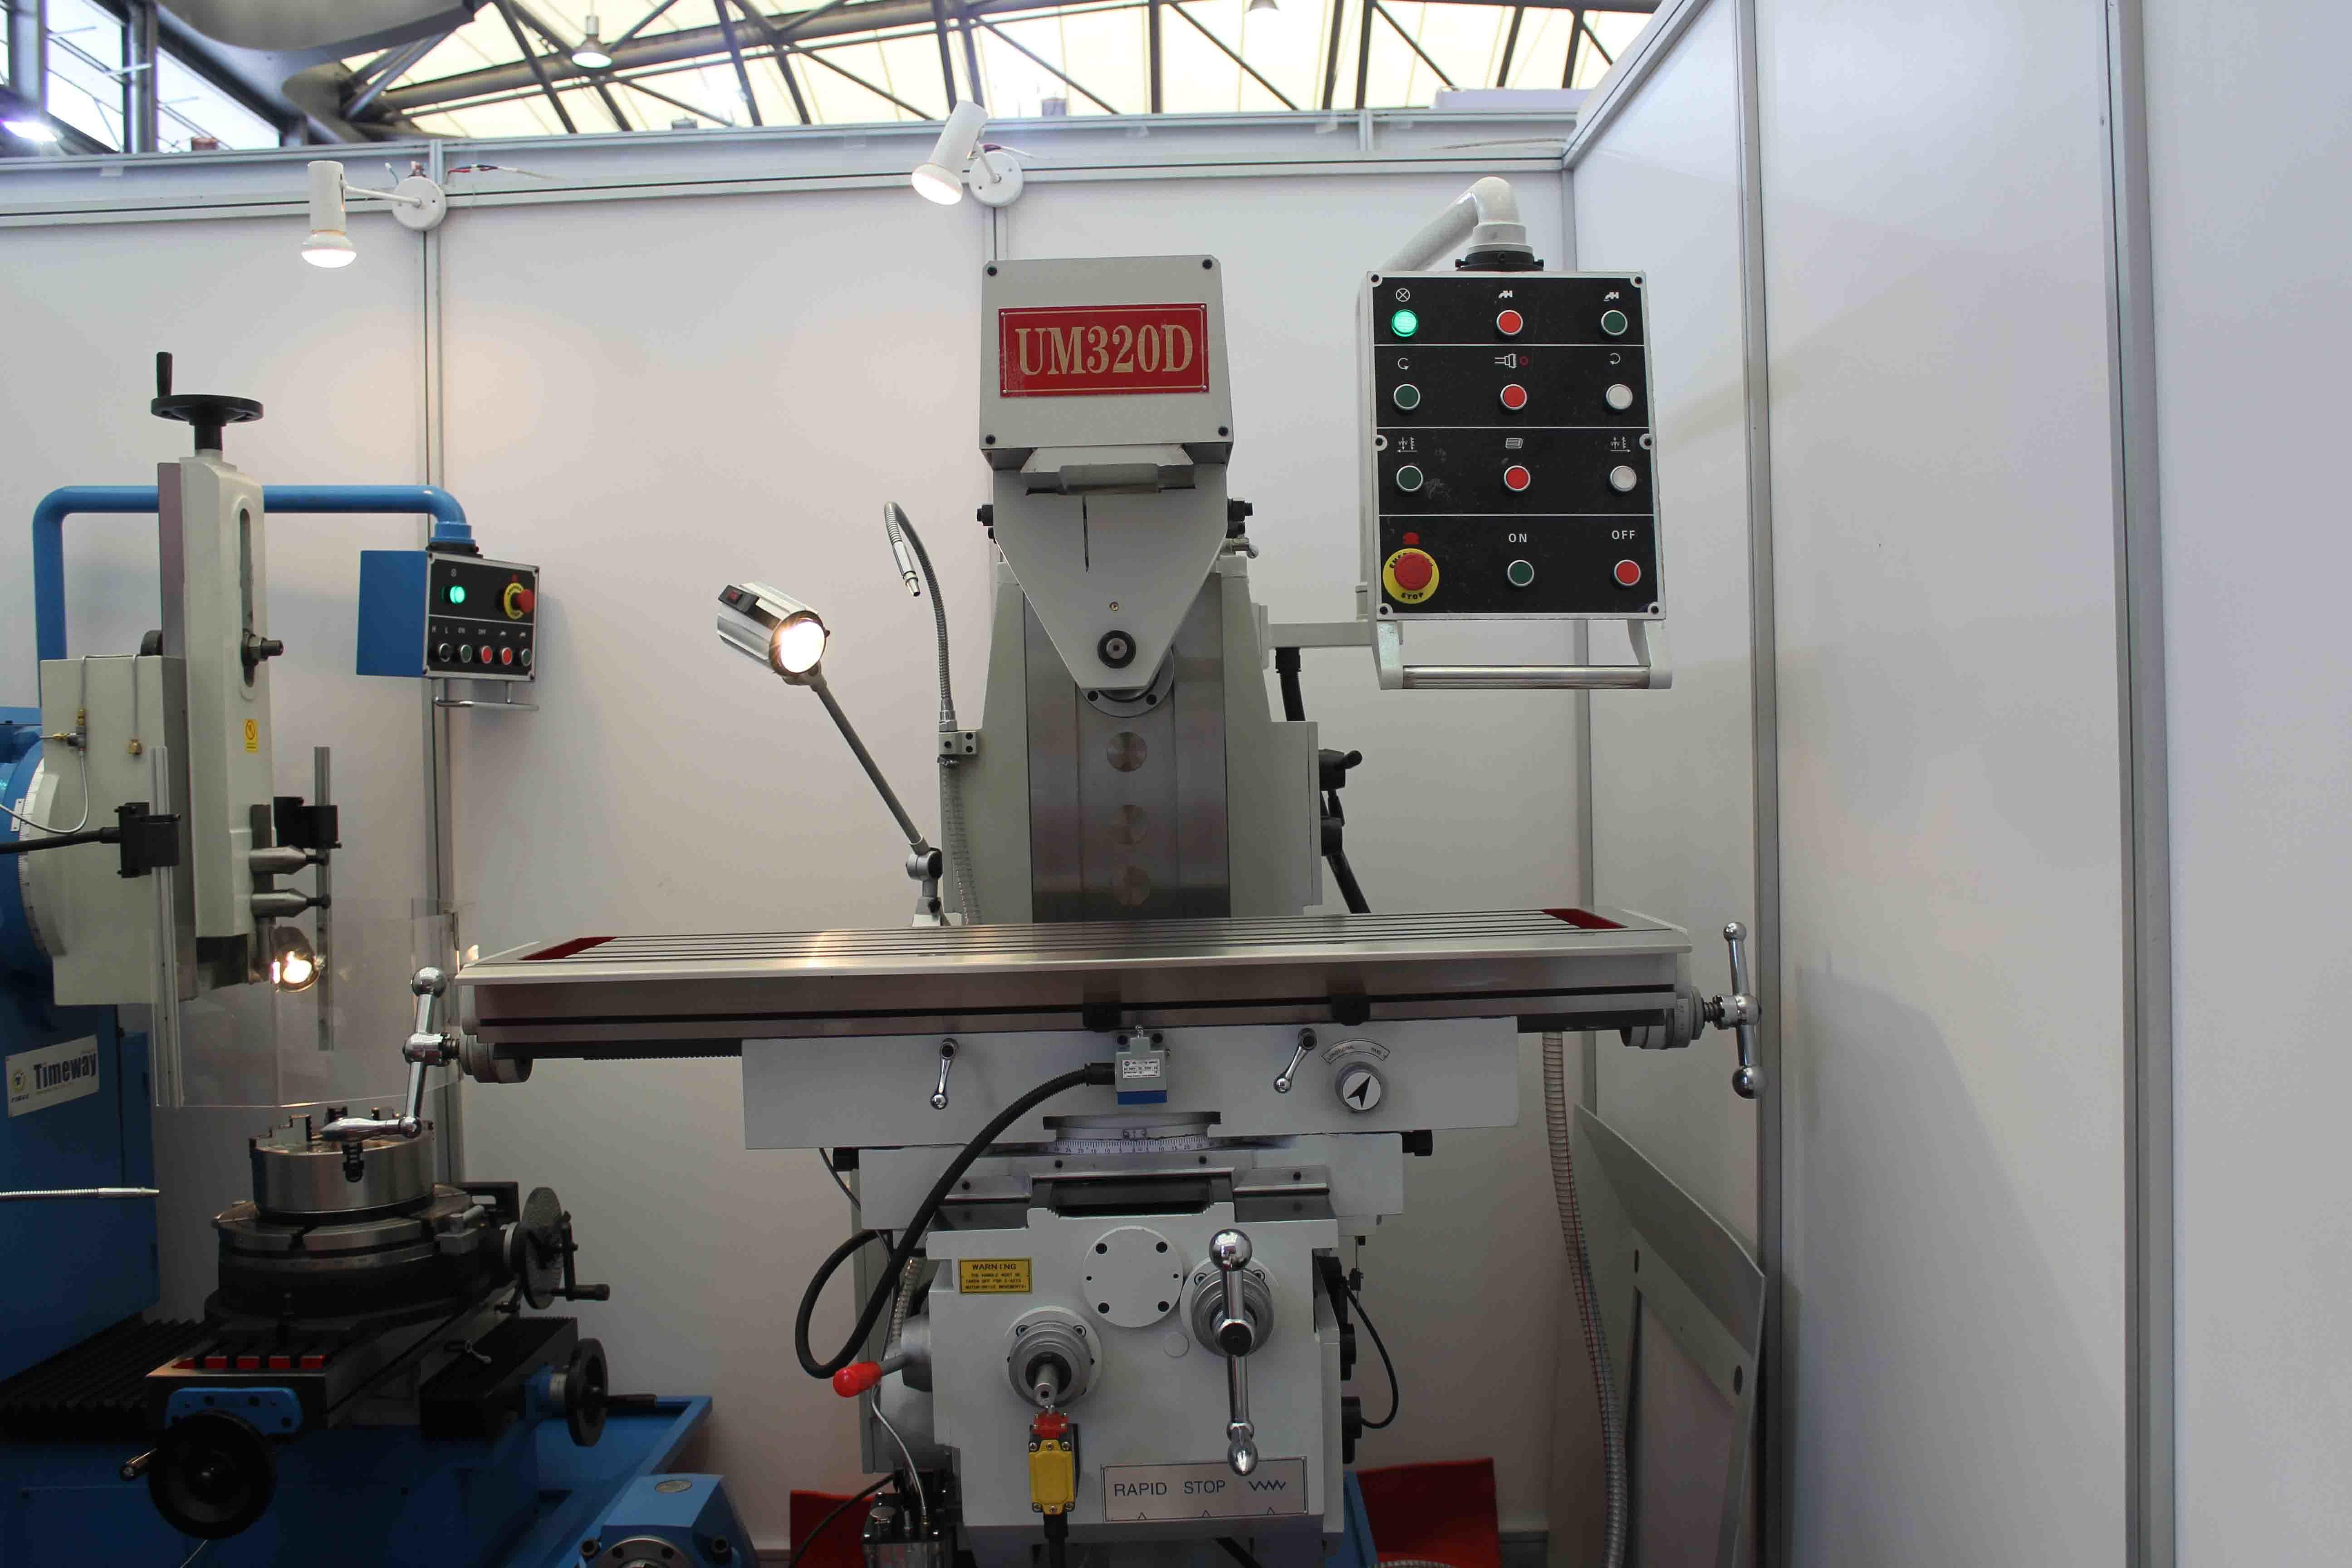 Horizontal Universal Milling Machine (Normal Miller)